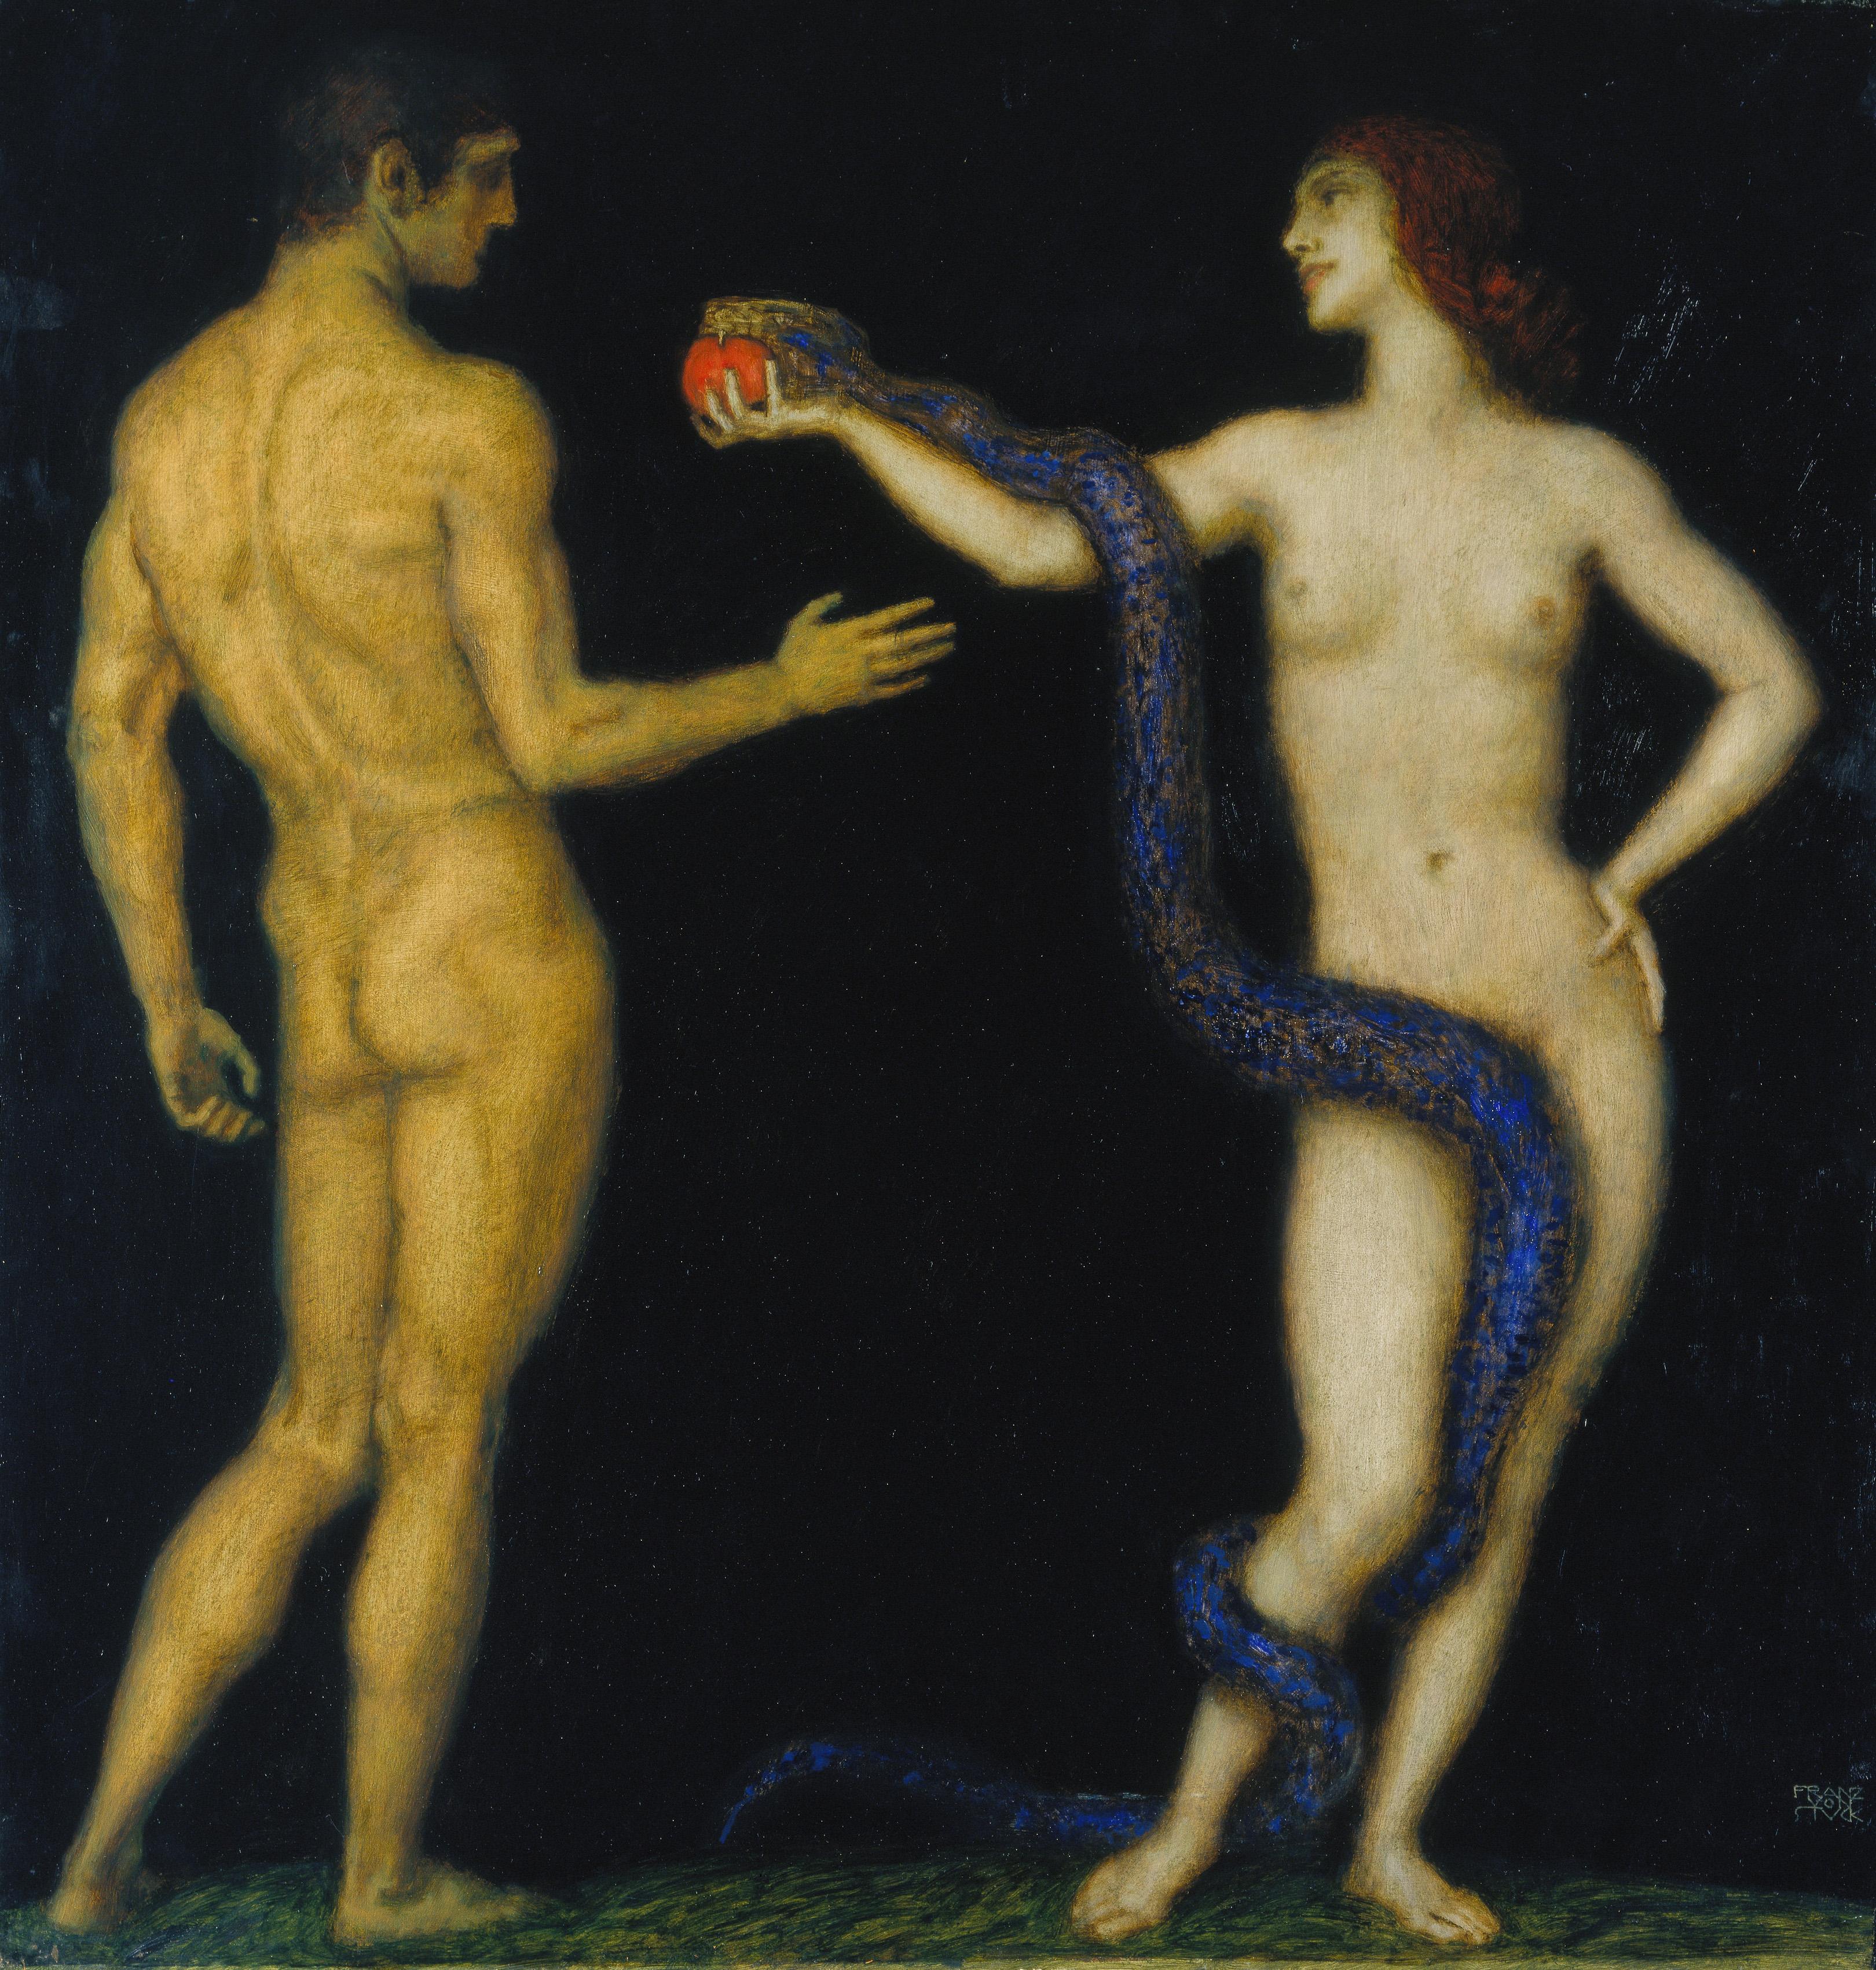 Franz von Stuck (1863–1928) Adam und Eva, 1920–1926 Öl auf Holz, 98 x 93,5 cm Städel Museum, Frankfurt am Main Foto: Städel Museum – ARTOTHEK Städel